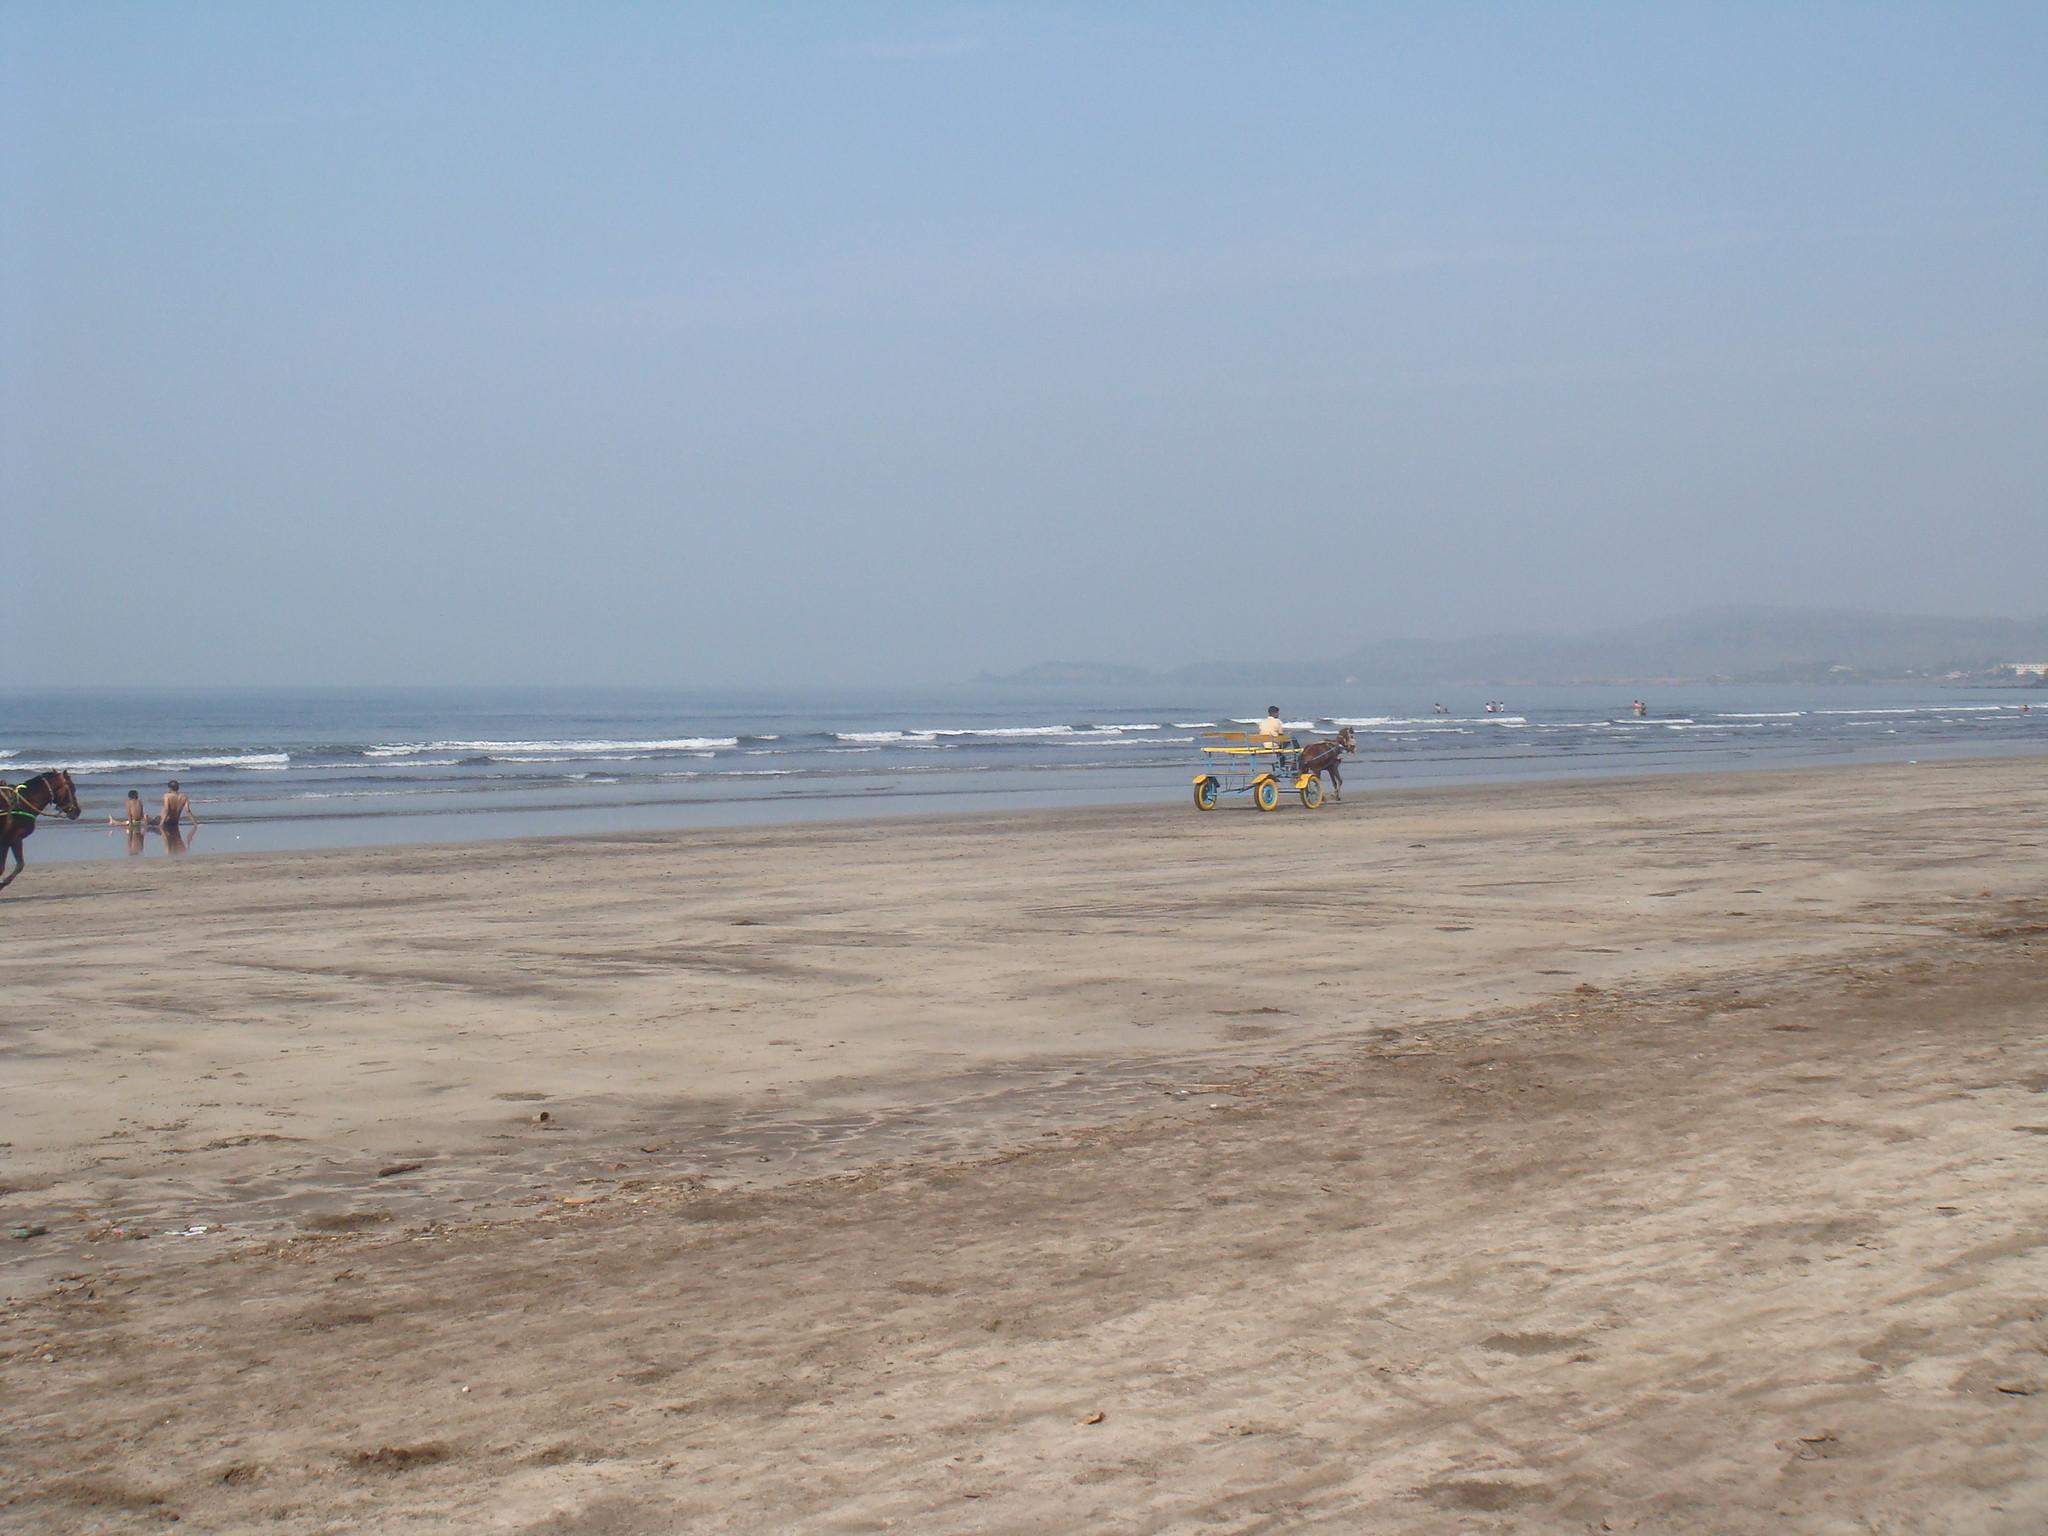 Visit Murud Beach in Ratnagiri